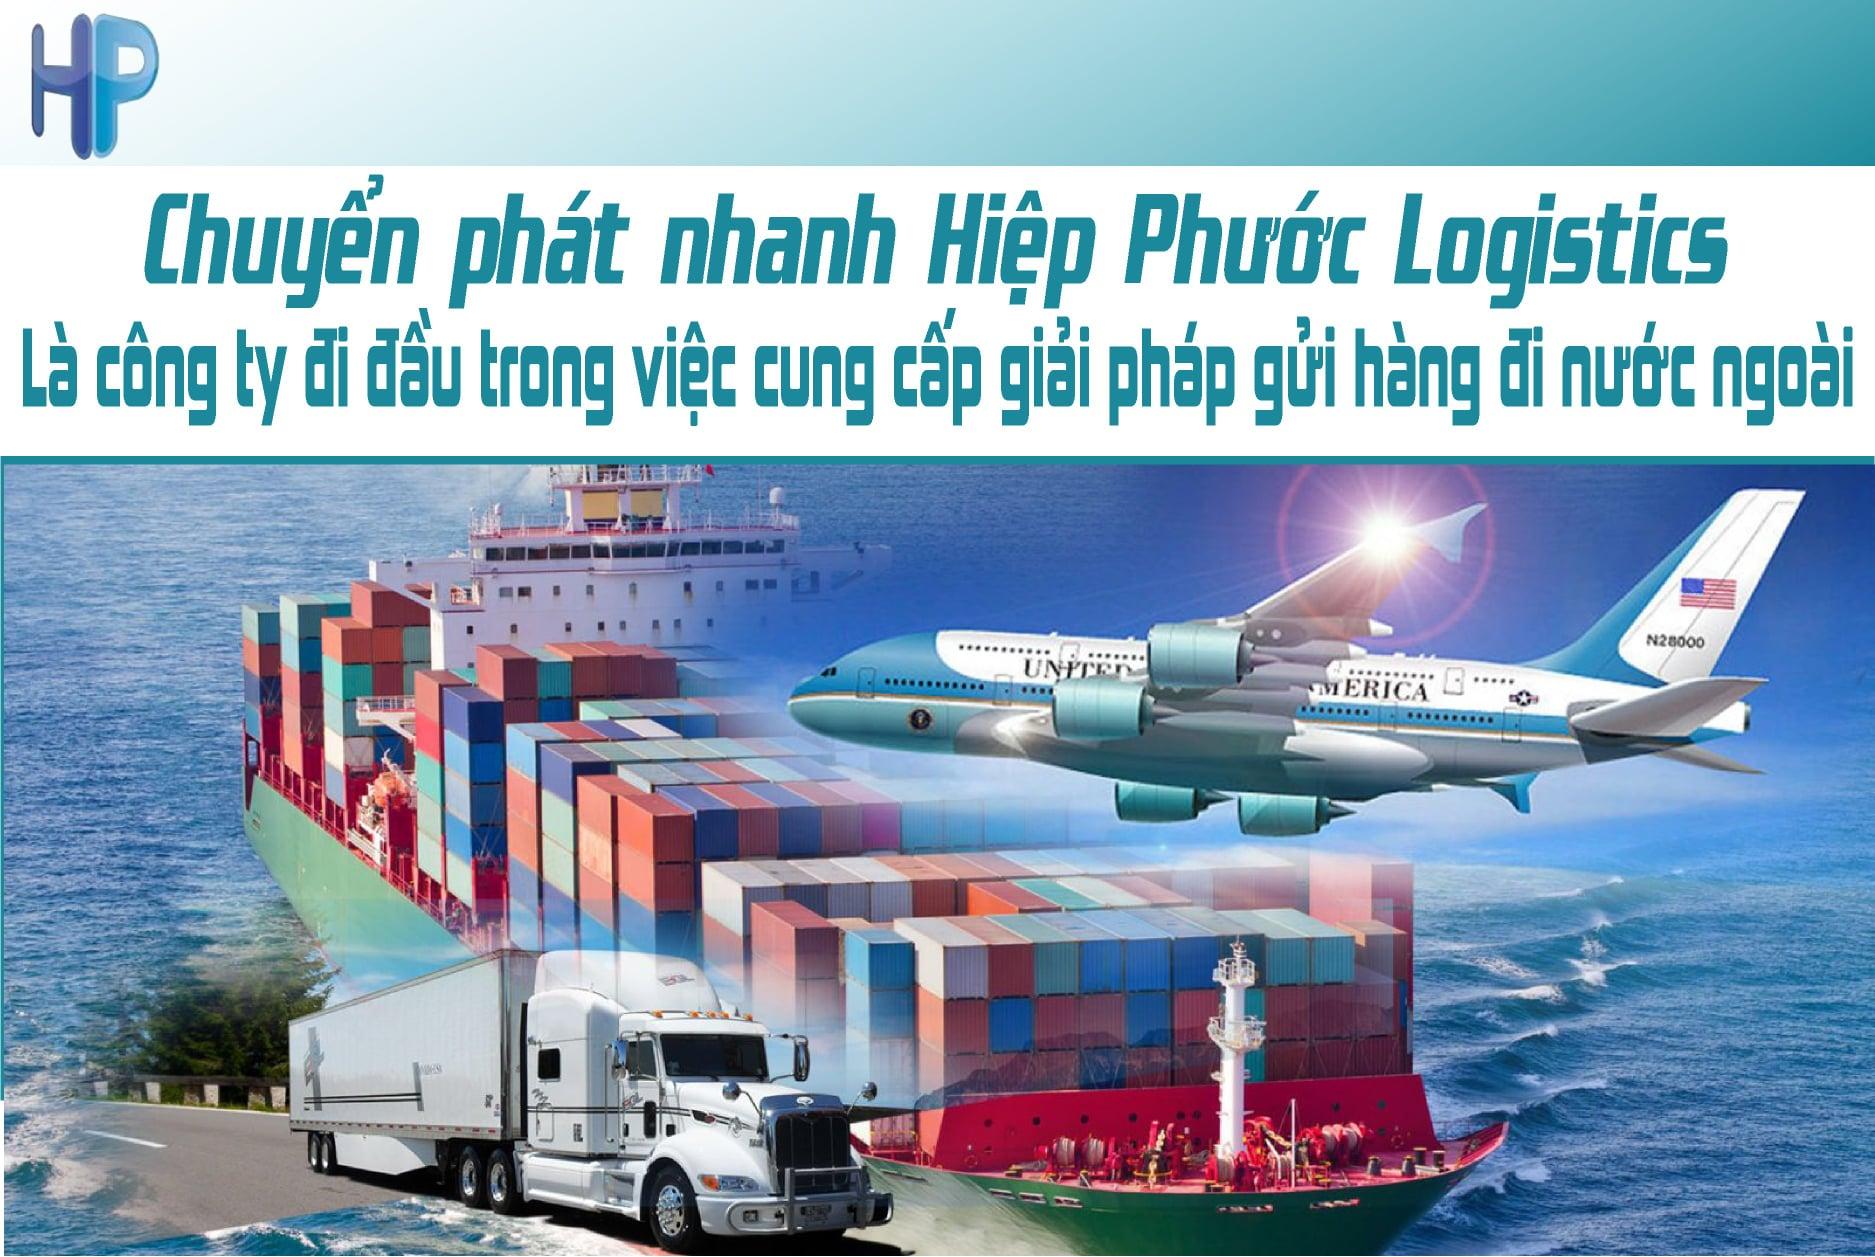 Những tiêu chí để chọn đơn vị vận chuyển hàng đi Mỹ